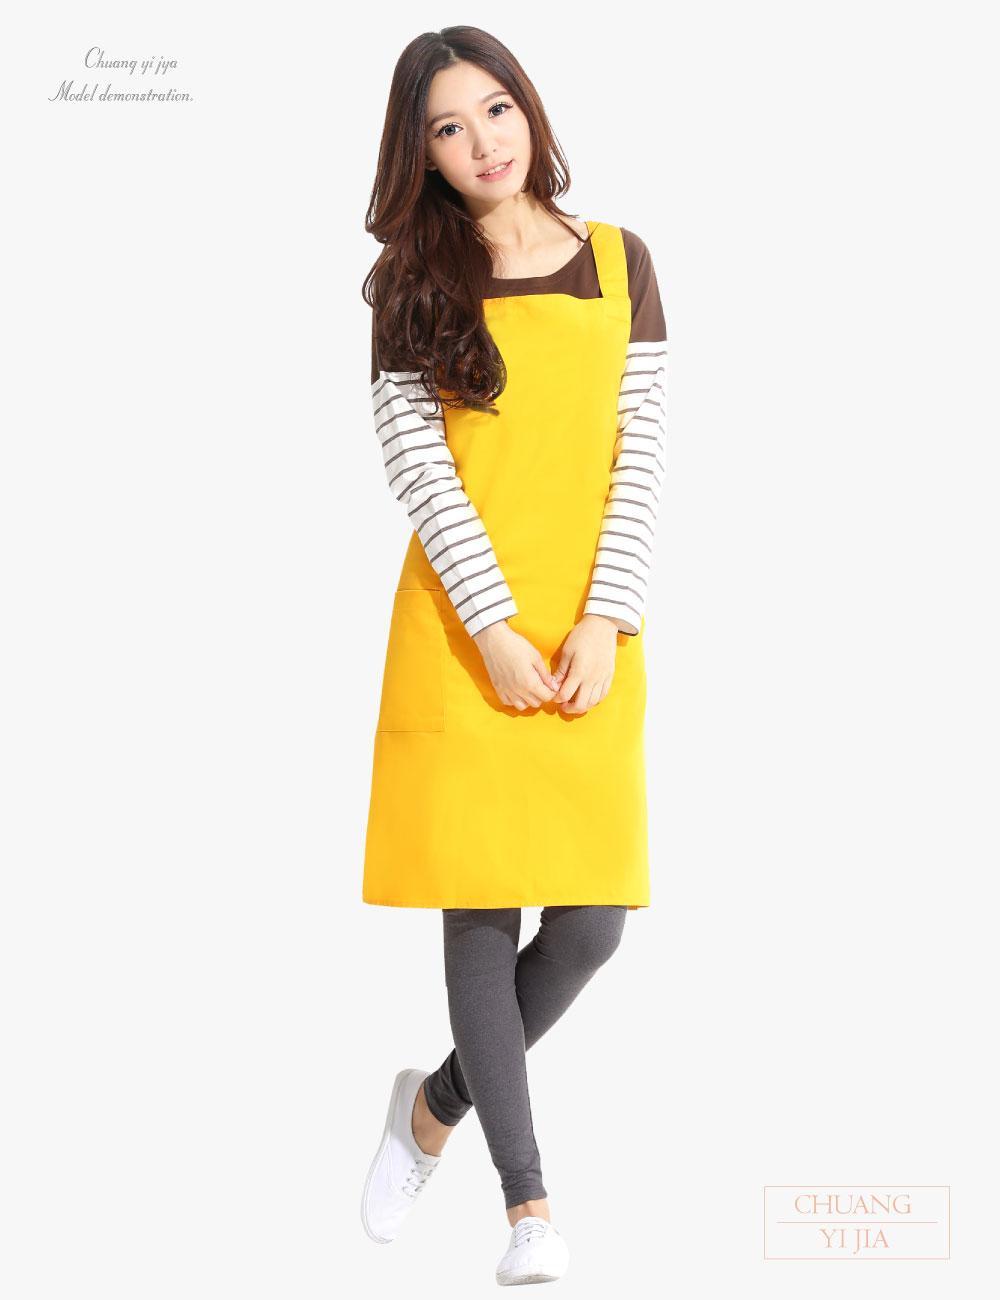 料理日式圍裙,烘培圍裙,園藝圍裙,防髒圍裙,日式圍裙,半截圍裙,圍裙訂製,職人日式圍裙圍